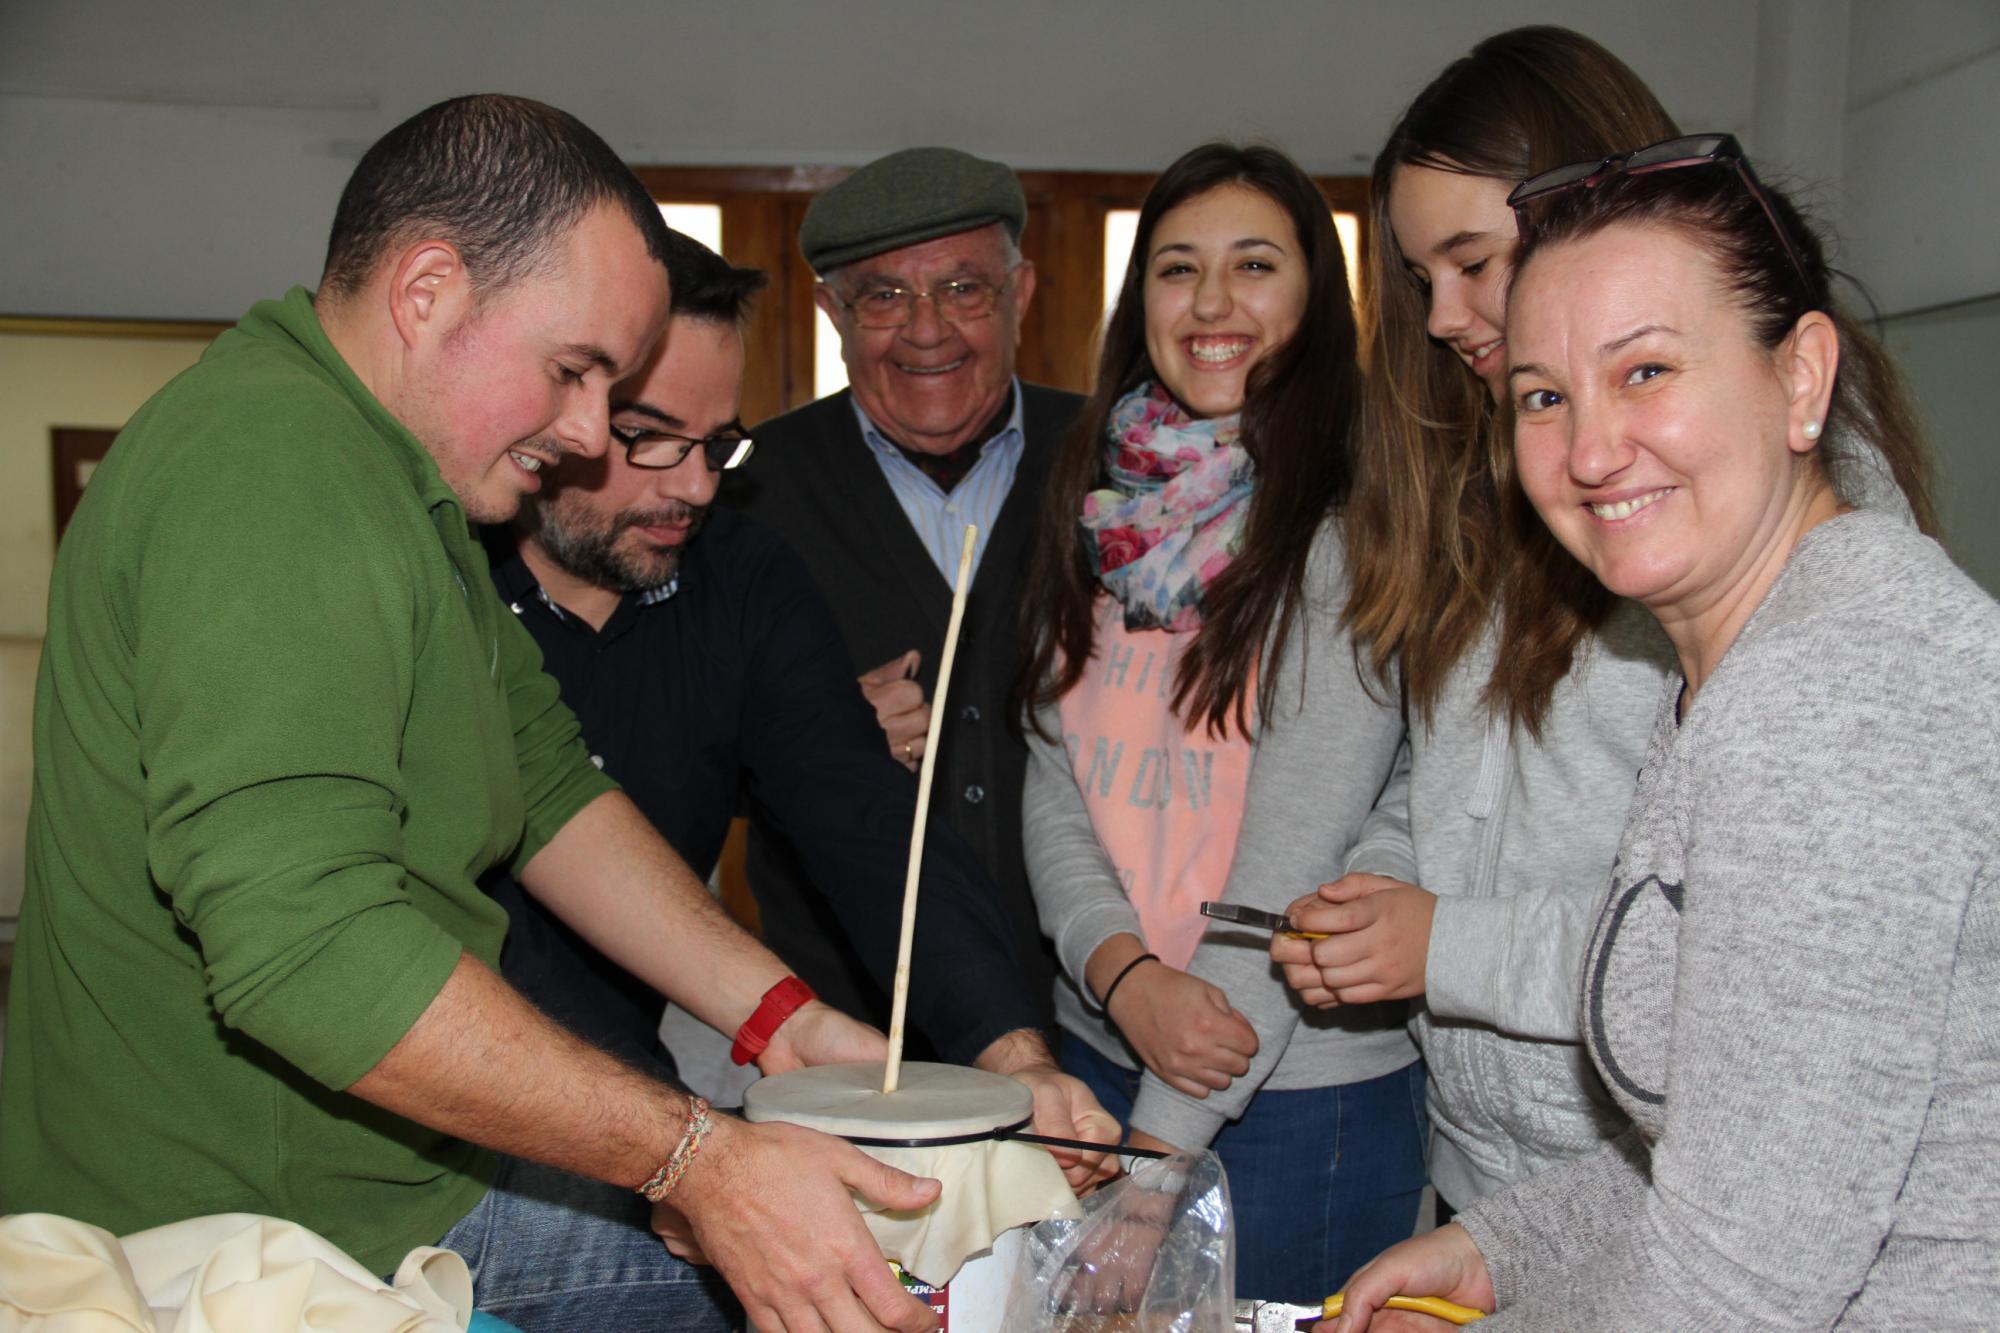 Los trillanos construyen sus propios instrumentos musicales navideños para la Misa del Gallo